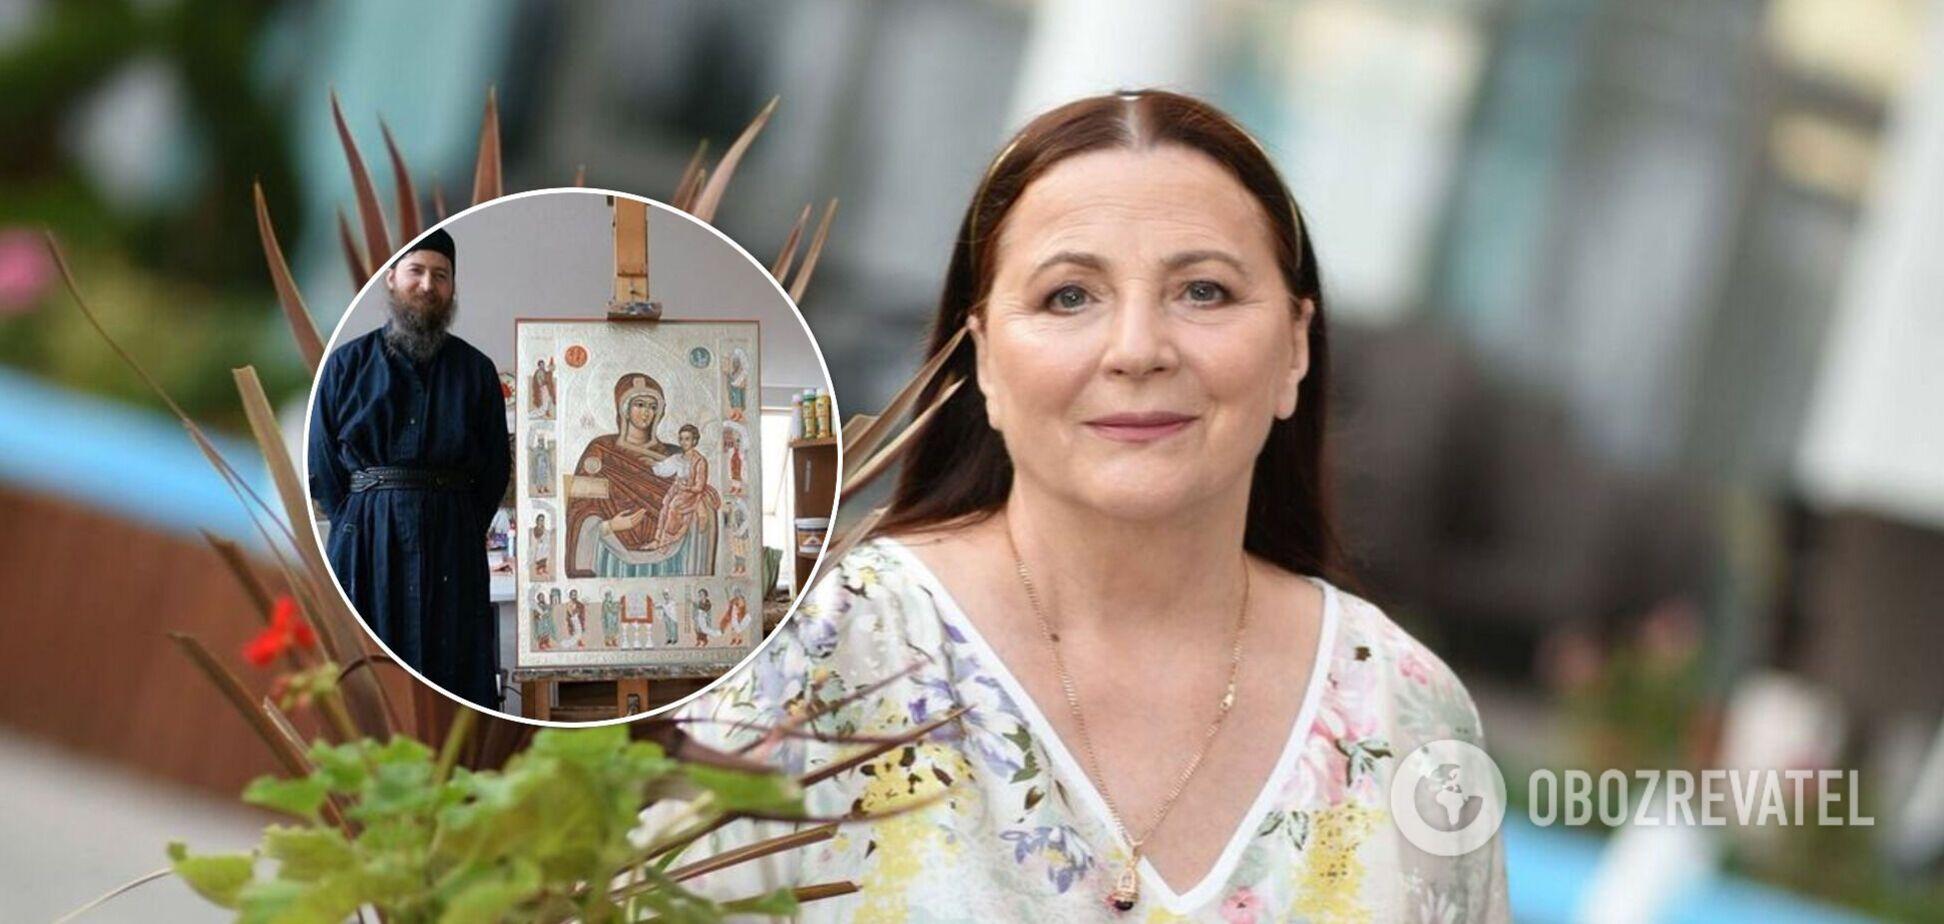 Нина Матвиенко рассказала, как ее сын ушел в монастырь